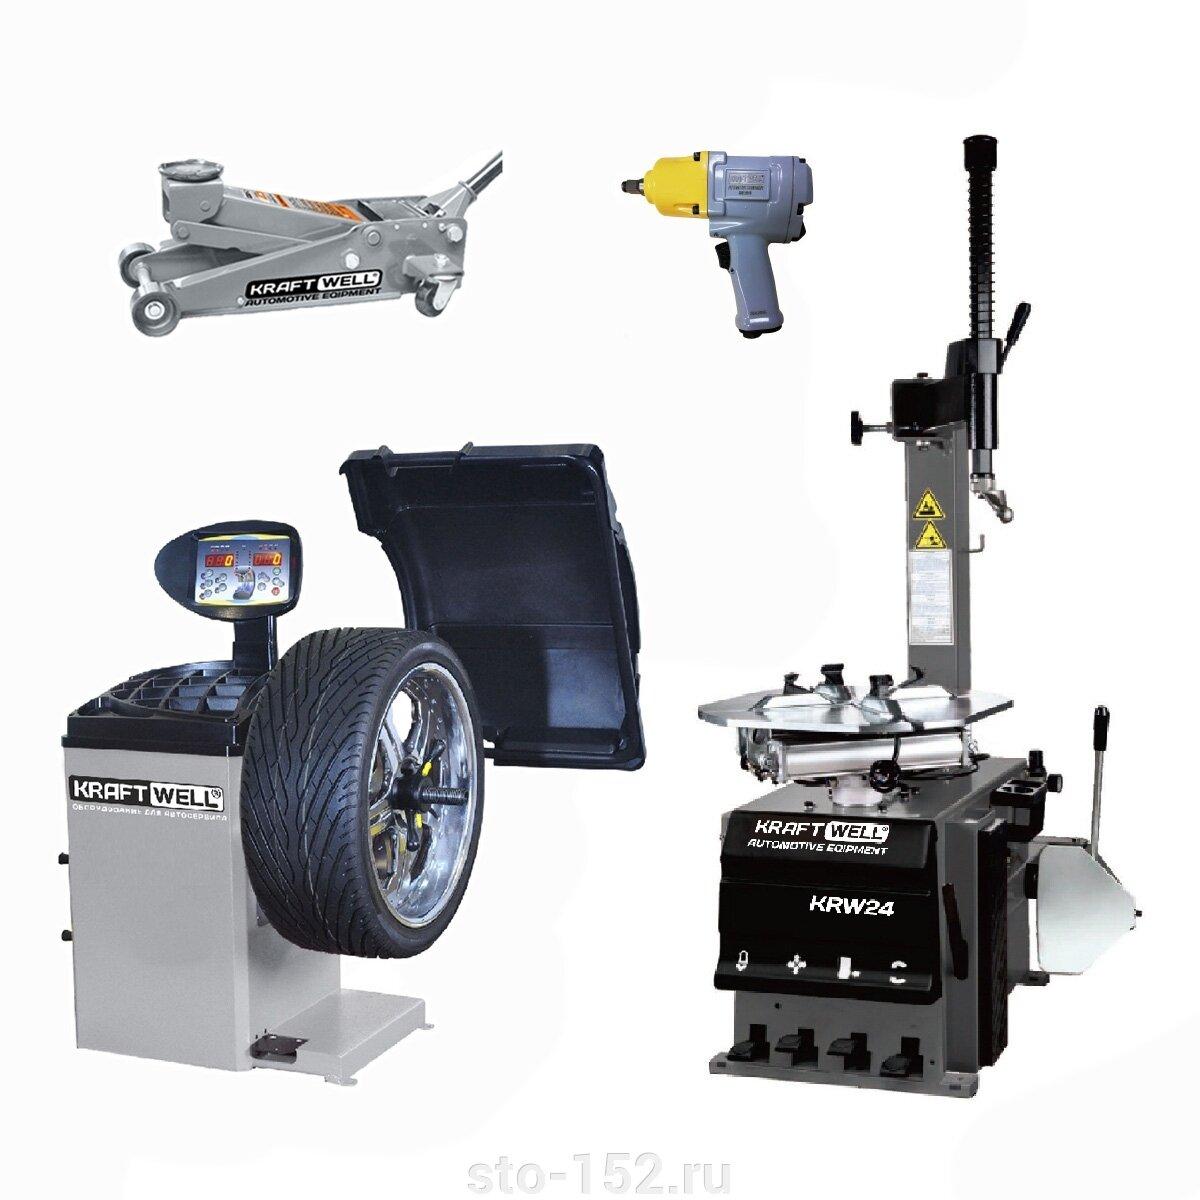 Как выбрать оборудование для шиномонтажа? - фото pic_8ee10cedd35c96fca139bc4736ff83d5_1920x9000_1.jpg